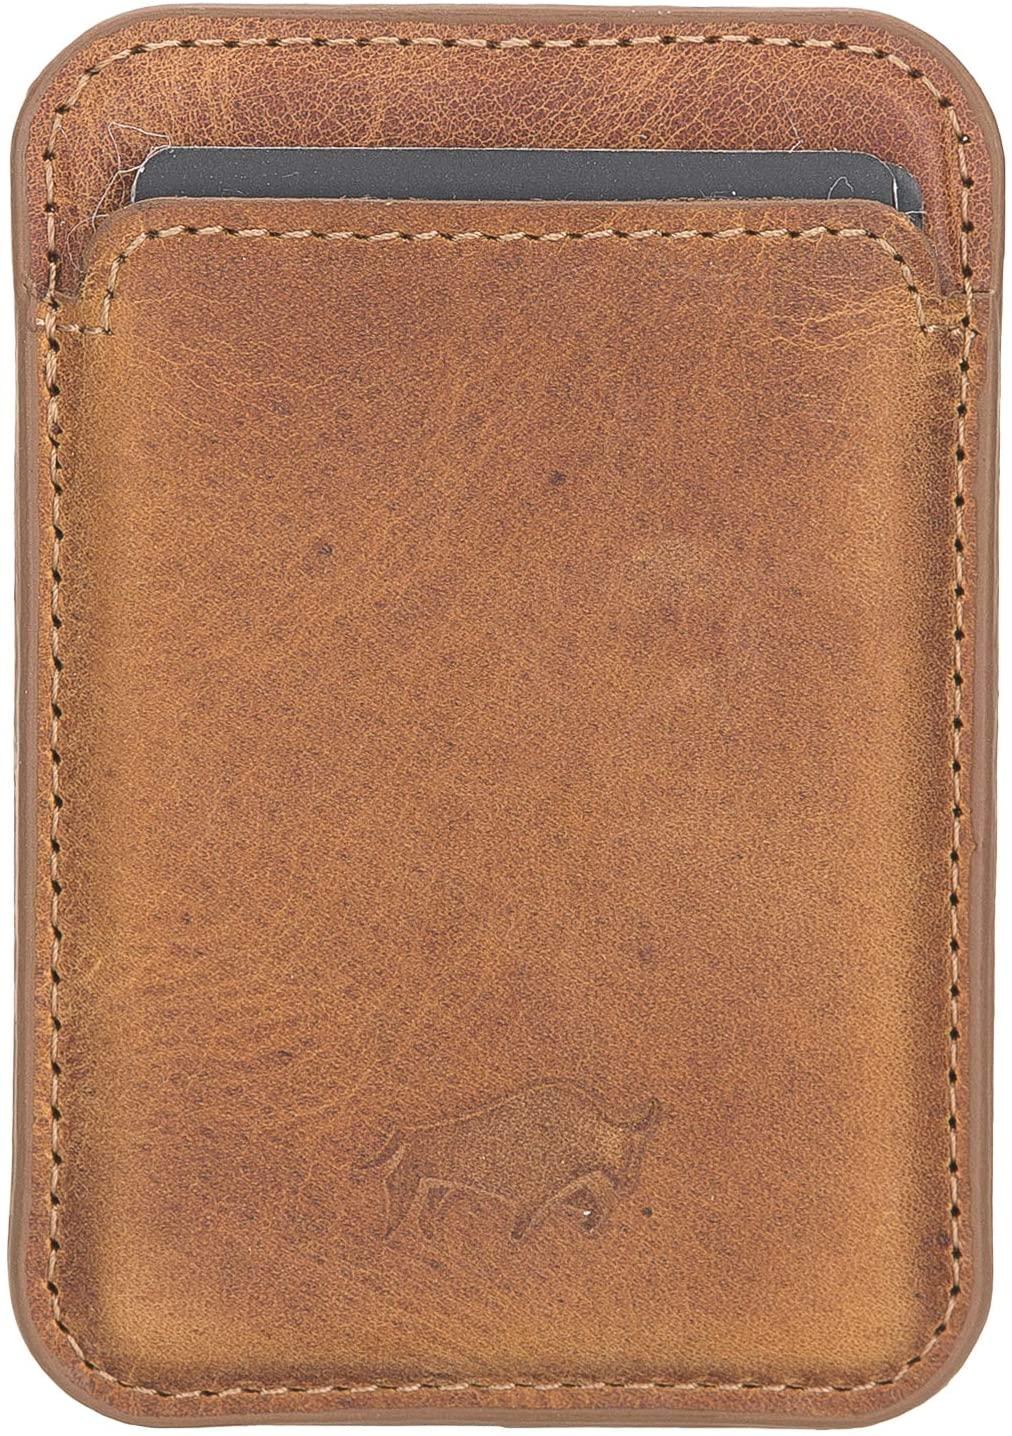 Magnetische Geldbörse (Magsafe) Für verschiedene Lederhüllen von Solo Pelle kompatibel kompatibe  (Camelbraun)